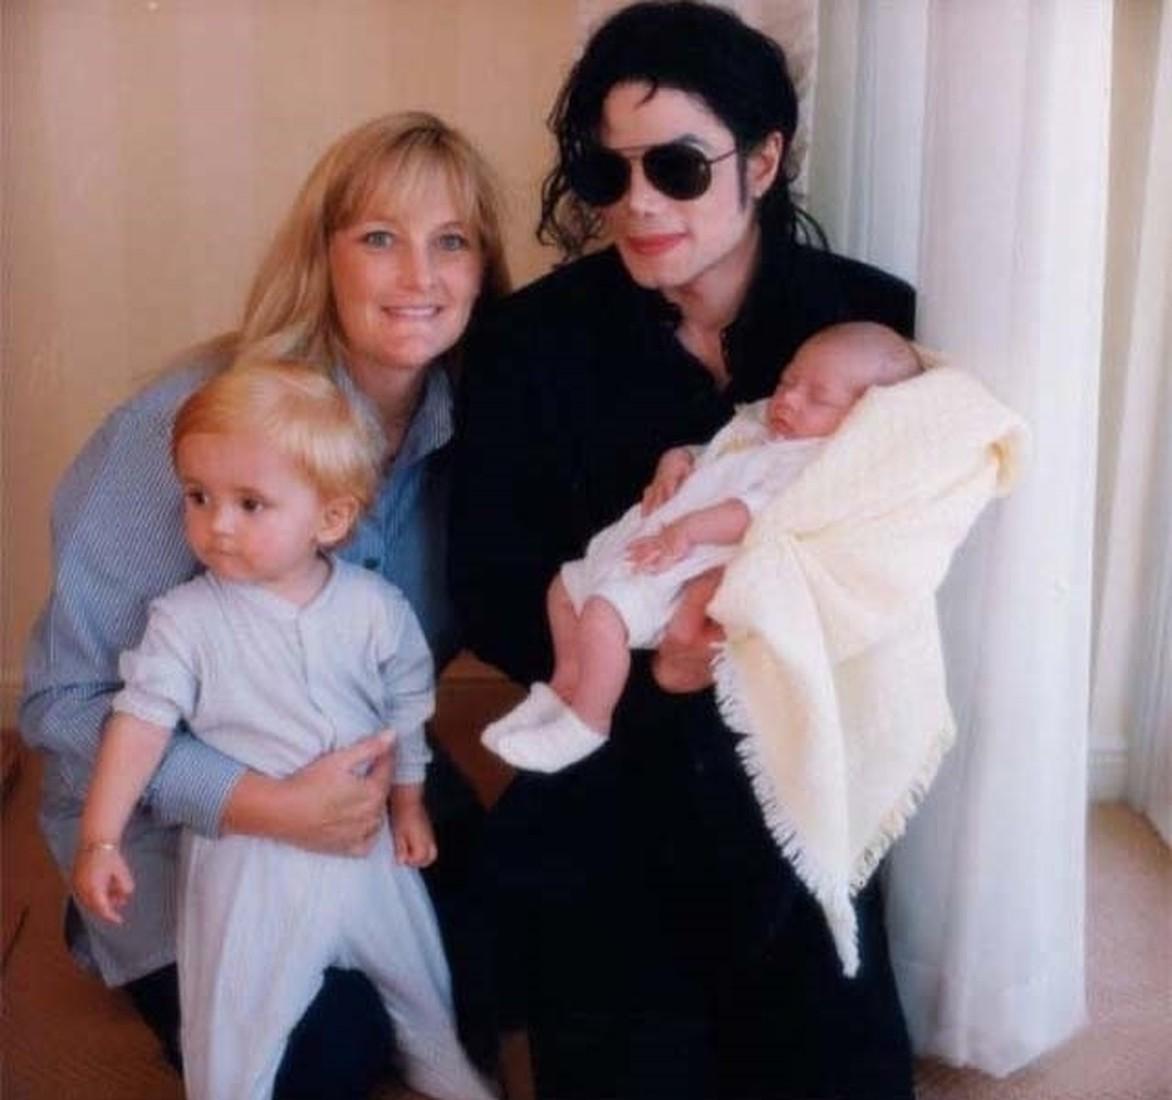 Вторая супруга Майкла Джексона, родившая ему двоих детей, заявила, что у них никогда не было интимной близости